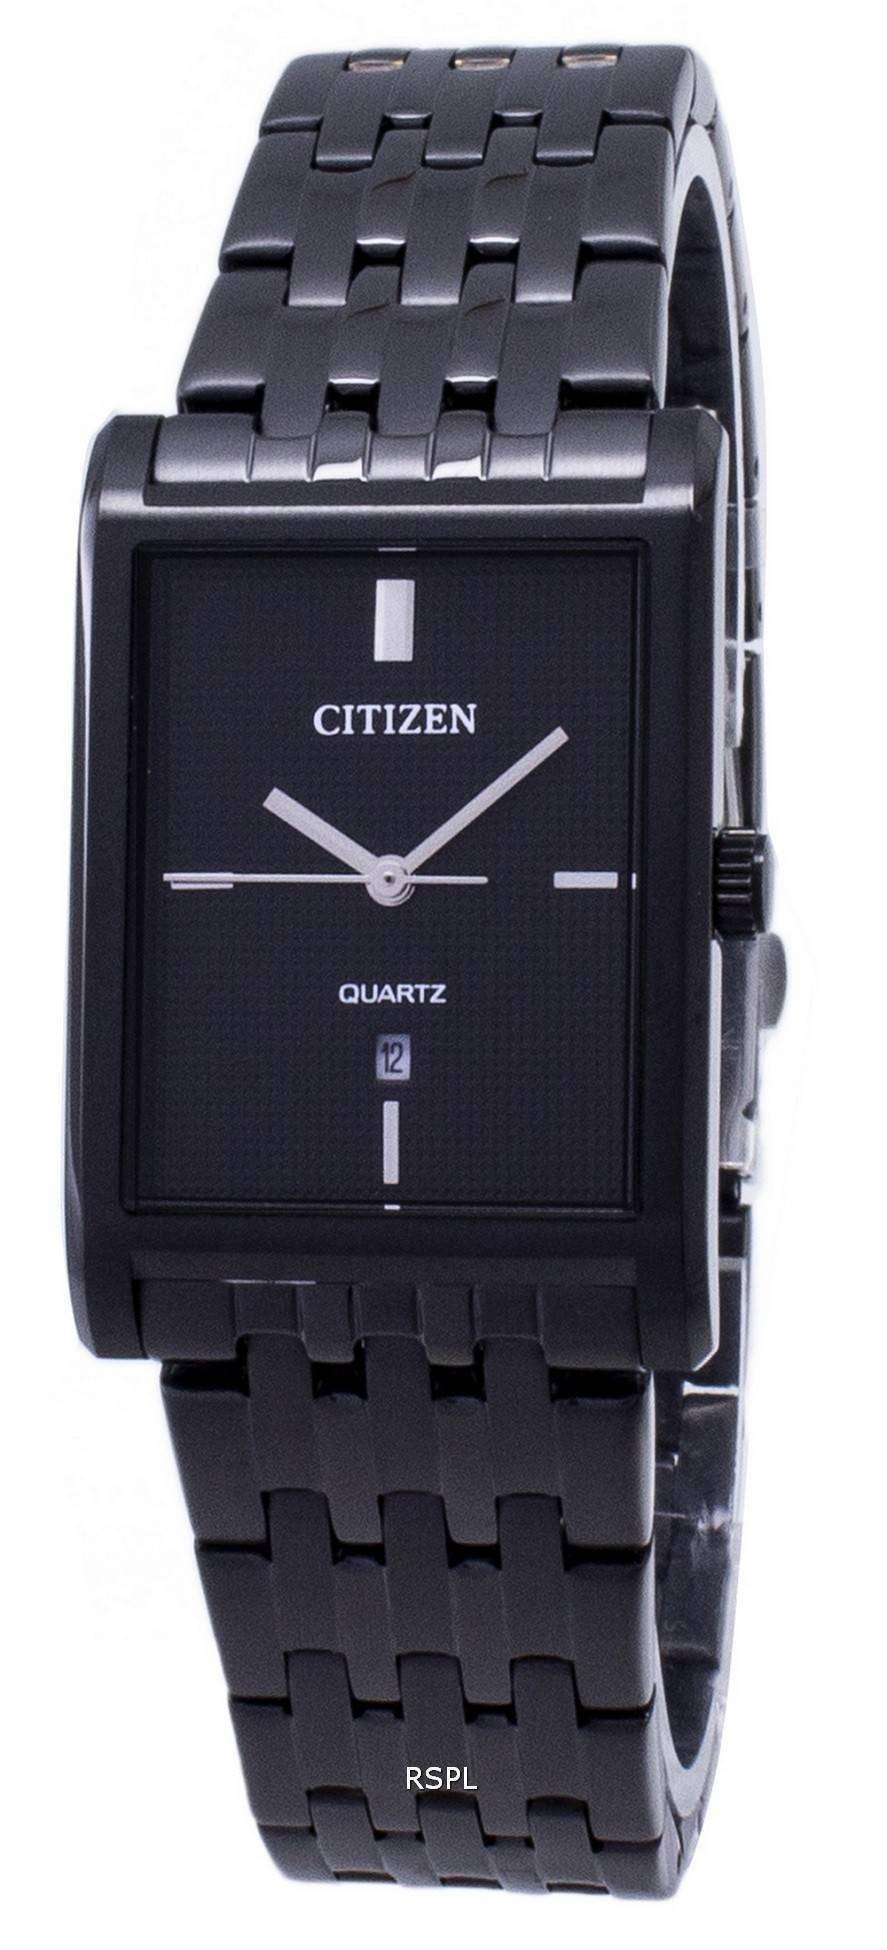 市民石英 BH3005 56E アナログ メンズ腕時計